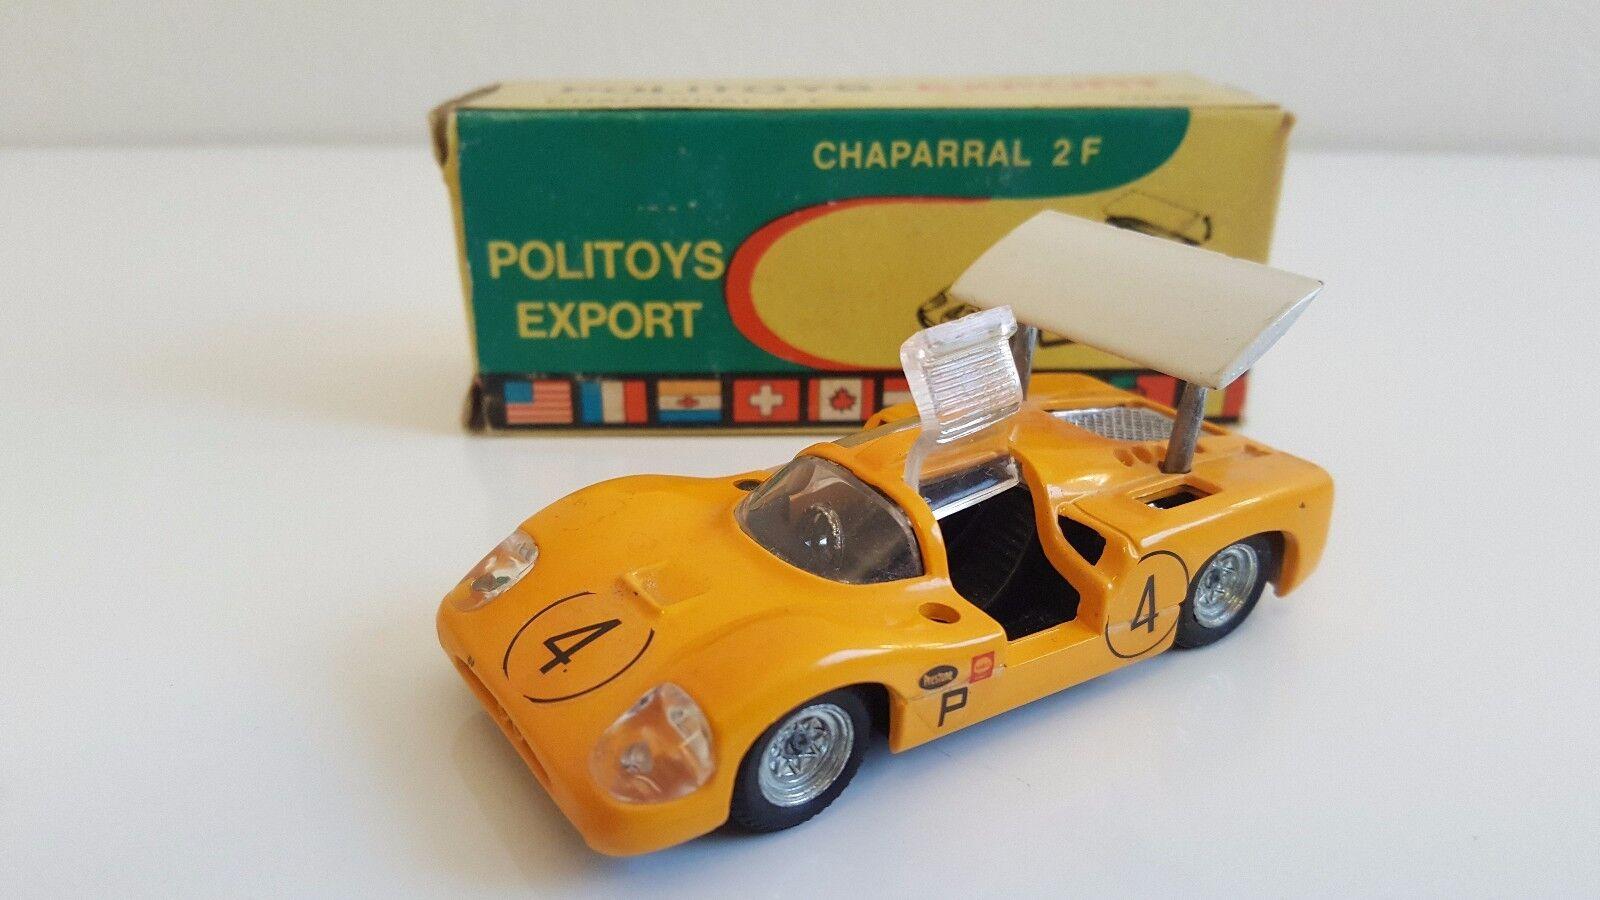 Poligiocattoli Export  Chaparral 2F gituttio en boîte d'origine 143